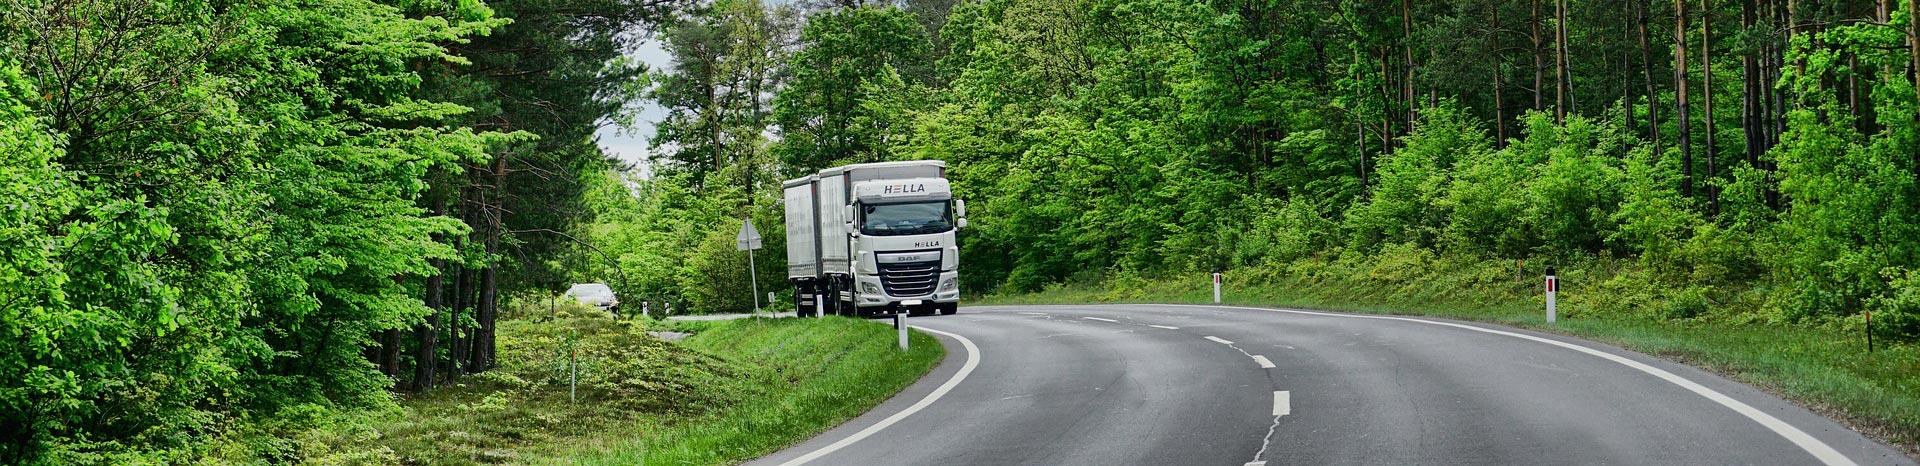 Terugdringen ongevallen vrachtwagens door technologie   LetselPro